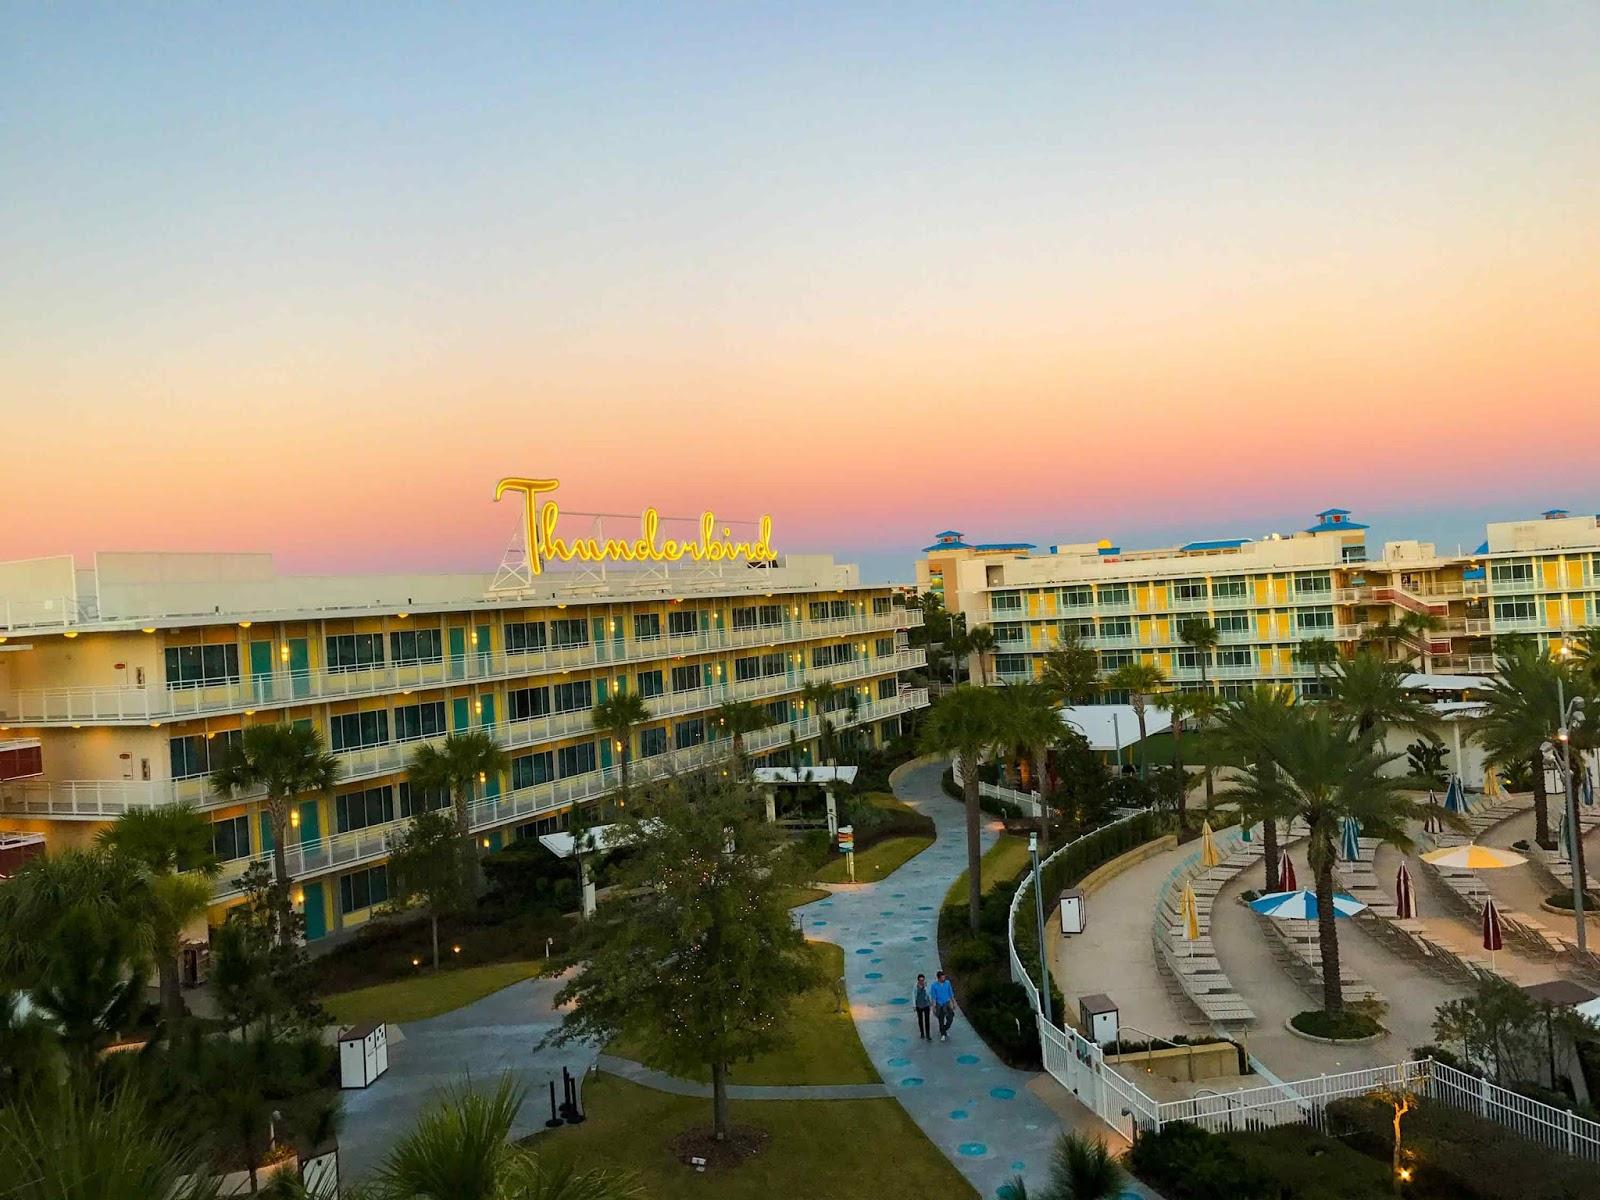 Cabana bay beach resort o hotel econômico da Universal Studios